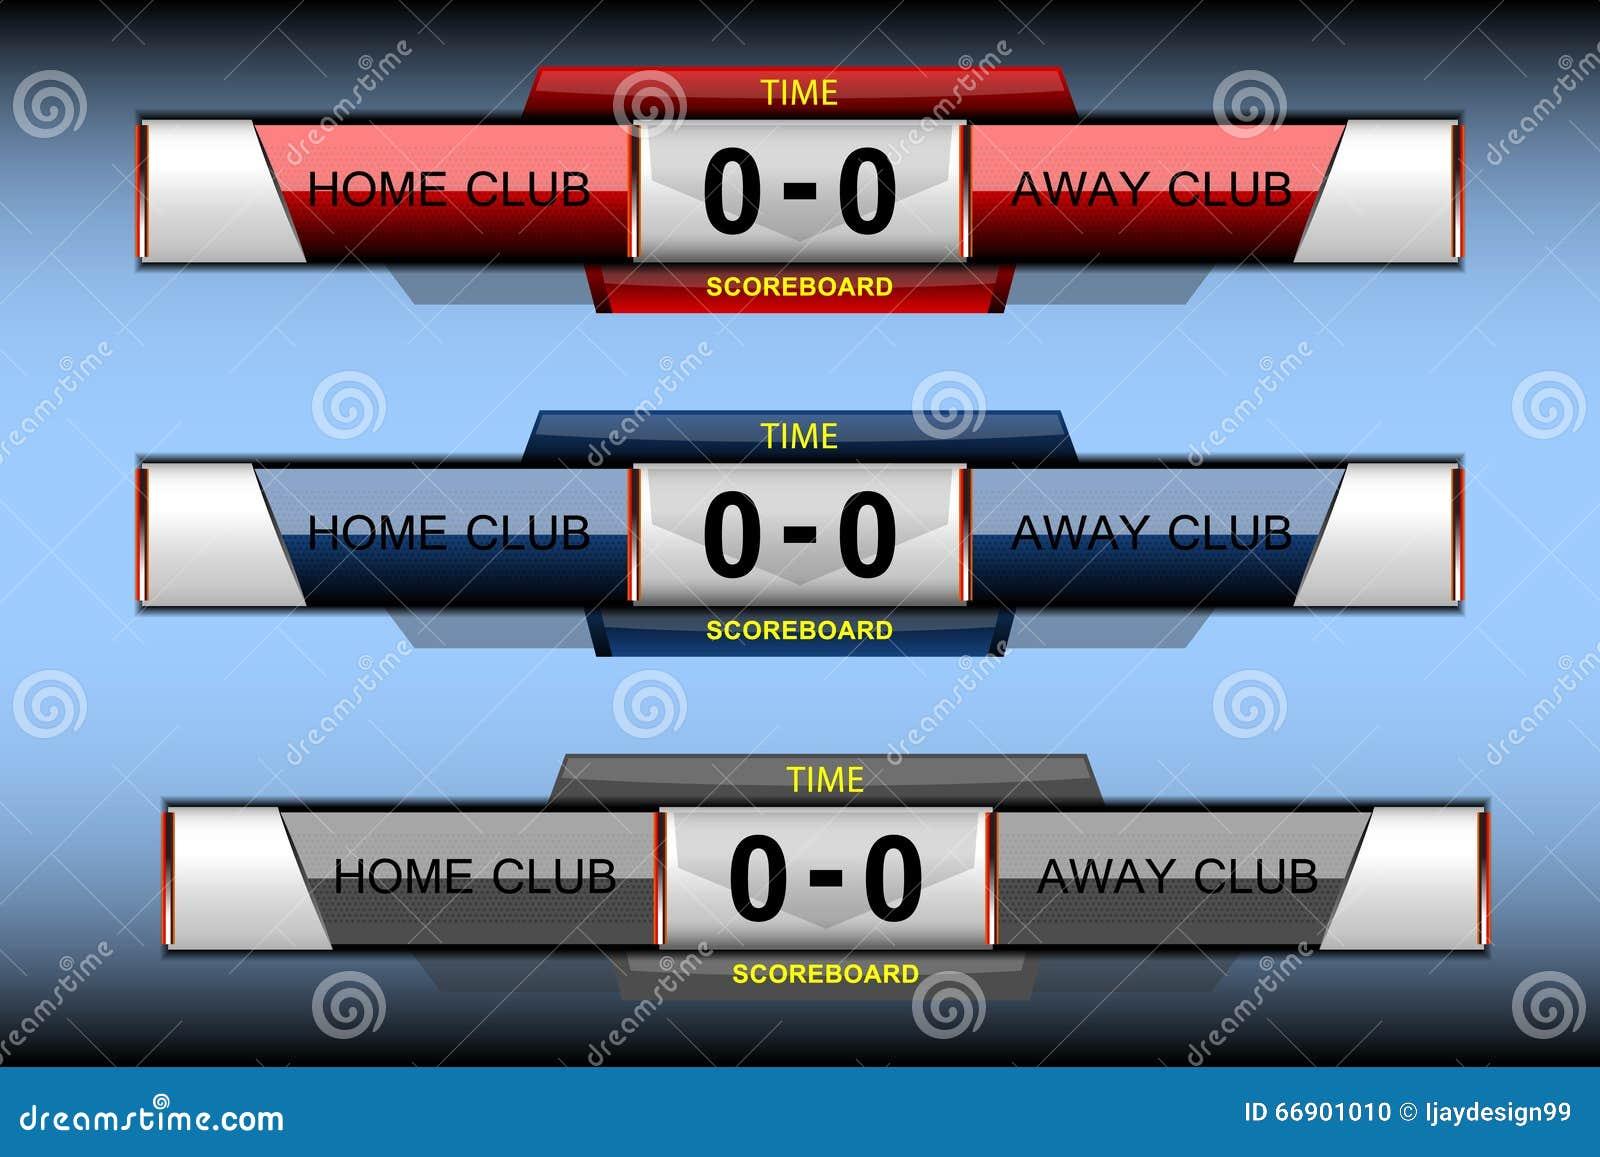 scoreboard sport elements